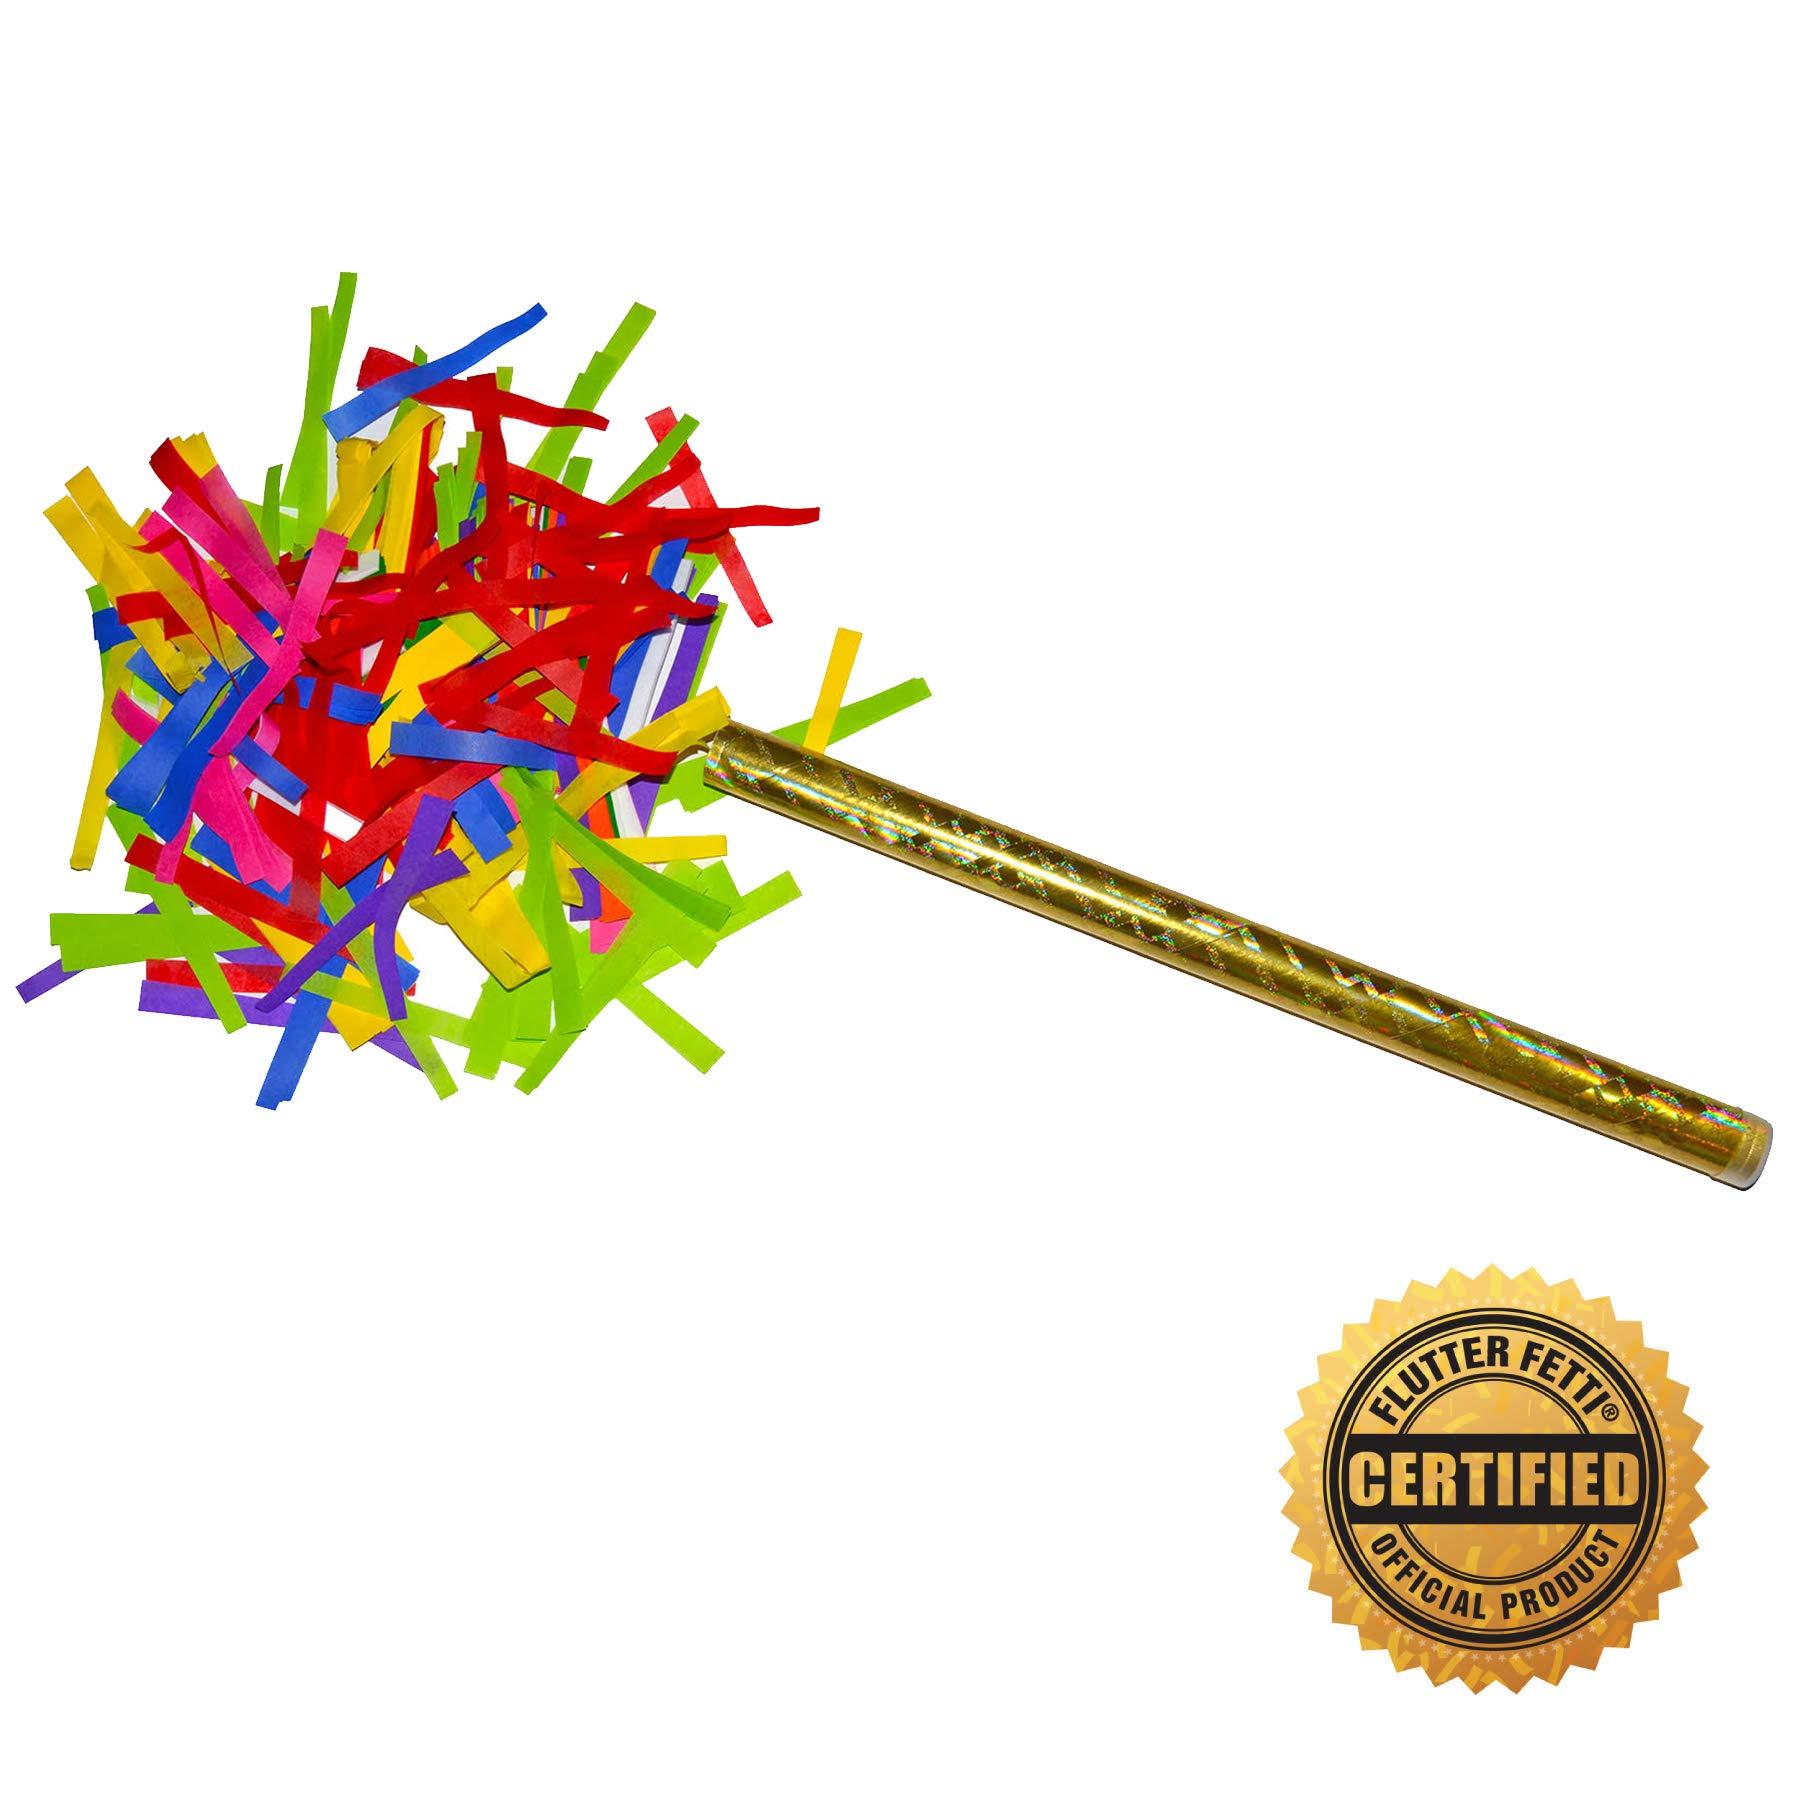 Flutter FETTI 14'' Corkscrews Confetti Sticks - Hand Flick Launcher - Multicolor - 10 Pack